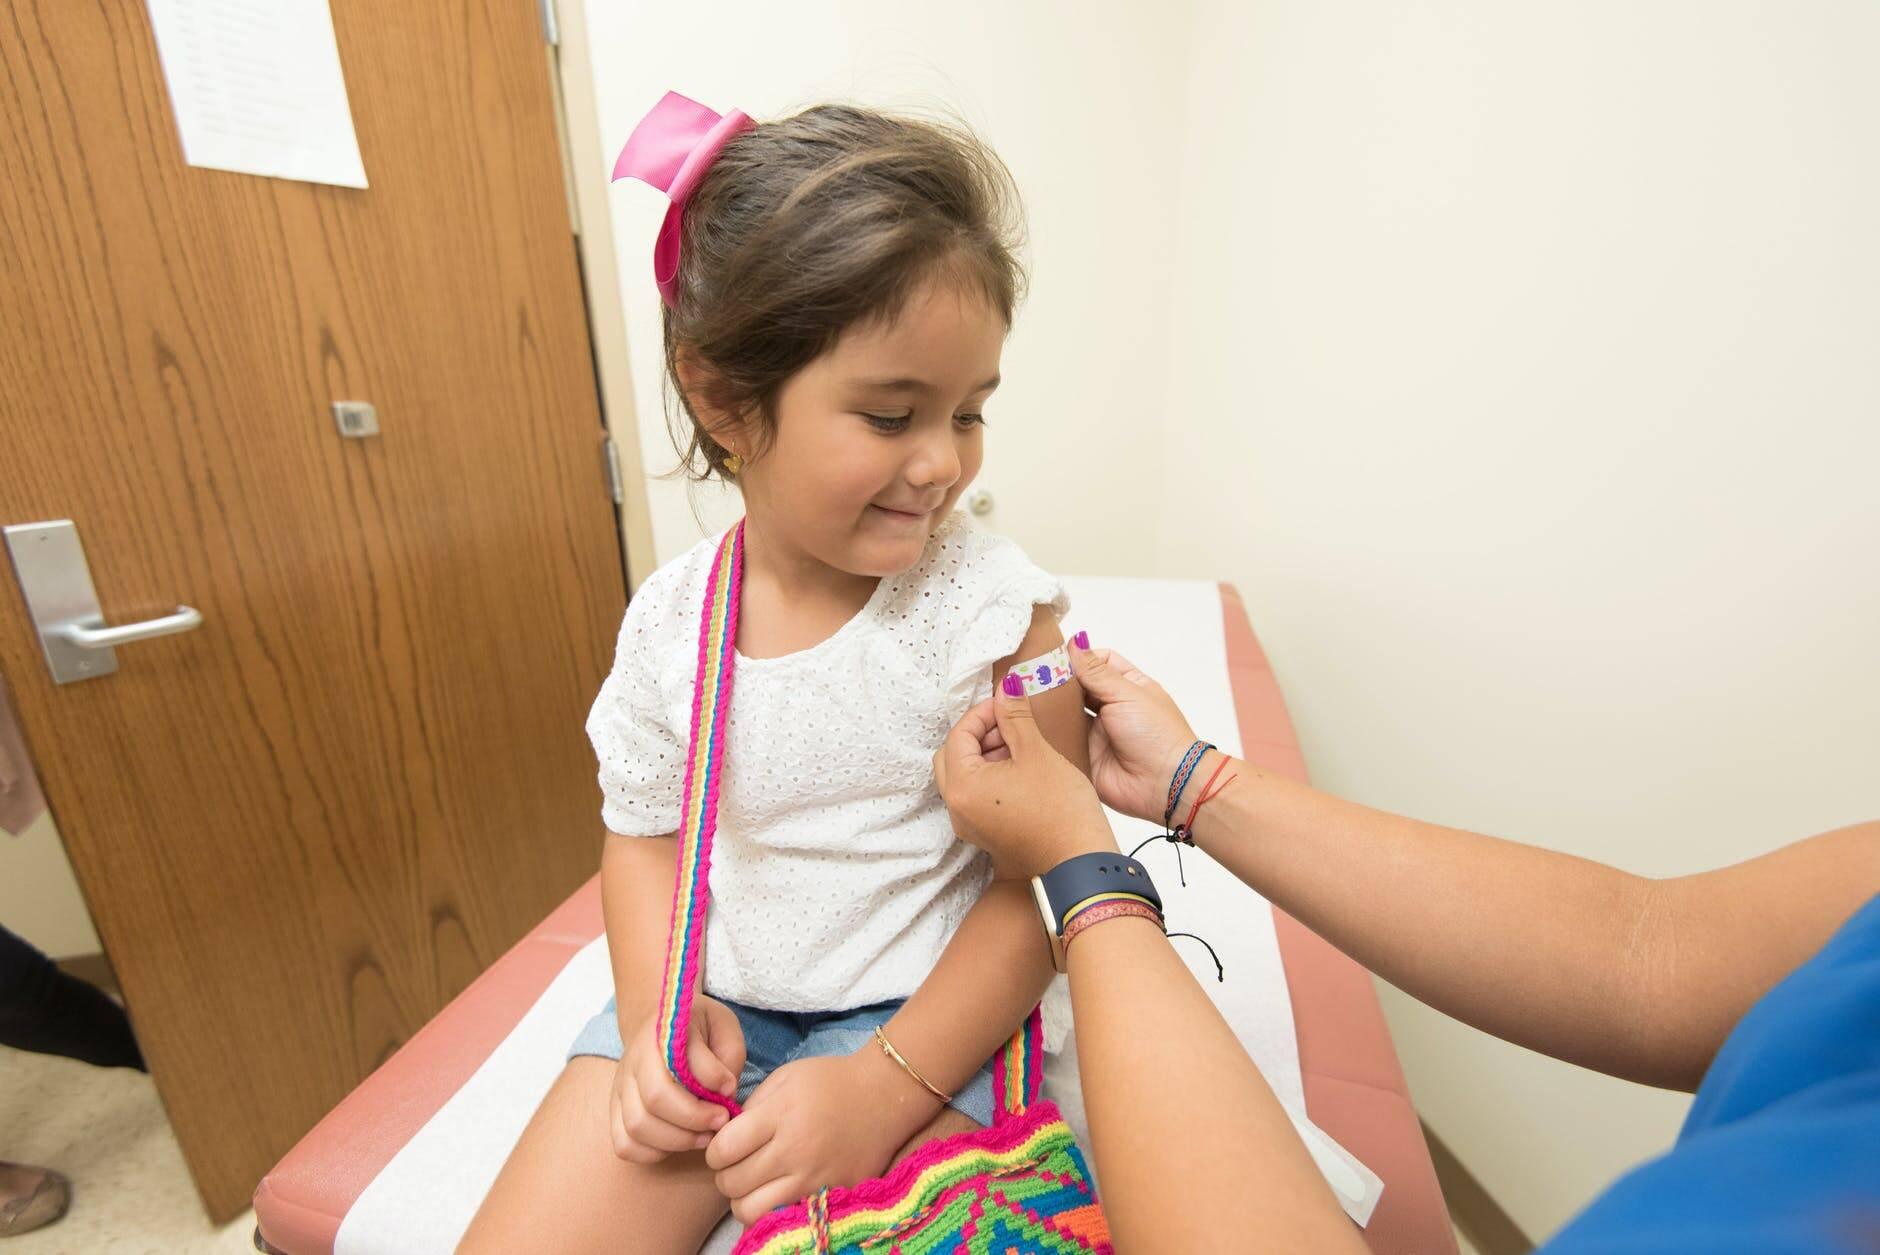 Se a autorização for aprovada, a Coronavac poderá ser aplicada em crianças e adolescentes na faixa de 3 a 17 anos de idade. A Anvisa informou que a Janssen já tem autorização para iniciar os estudos de suas vacinas aos menores de idade. (Foto: Pexels)